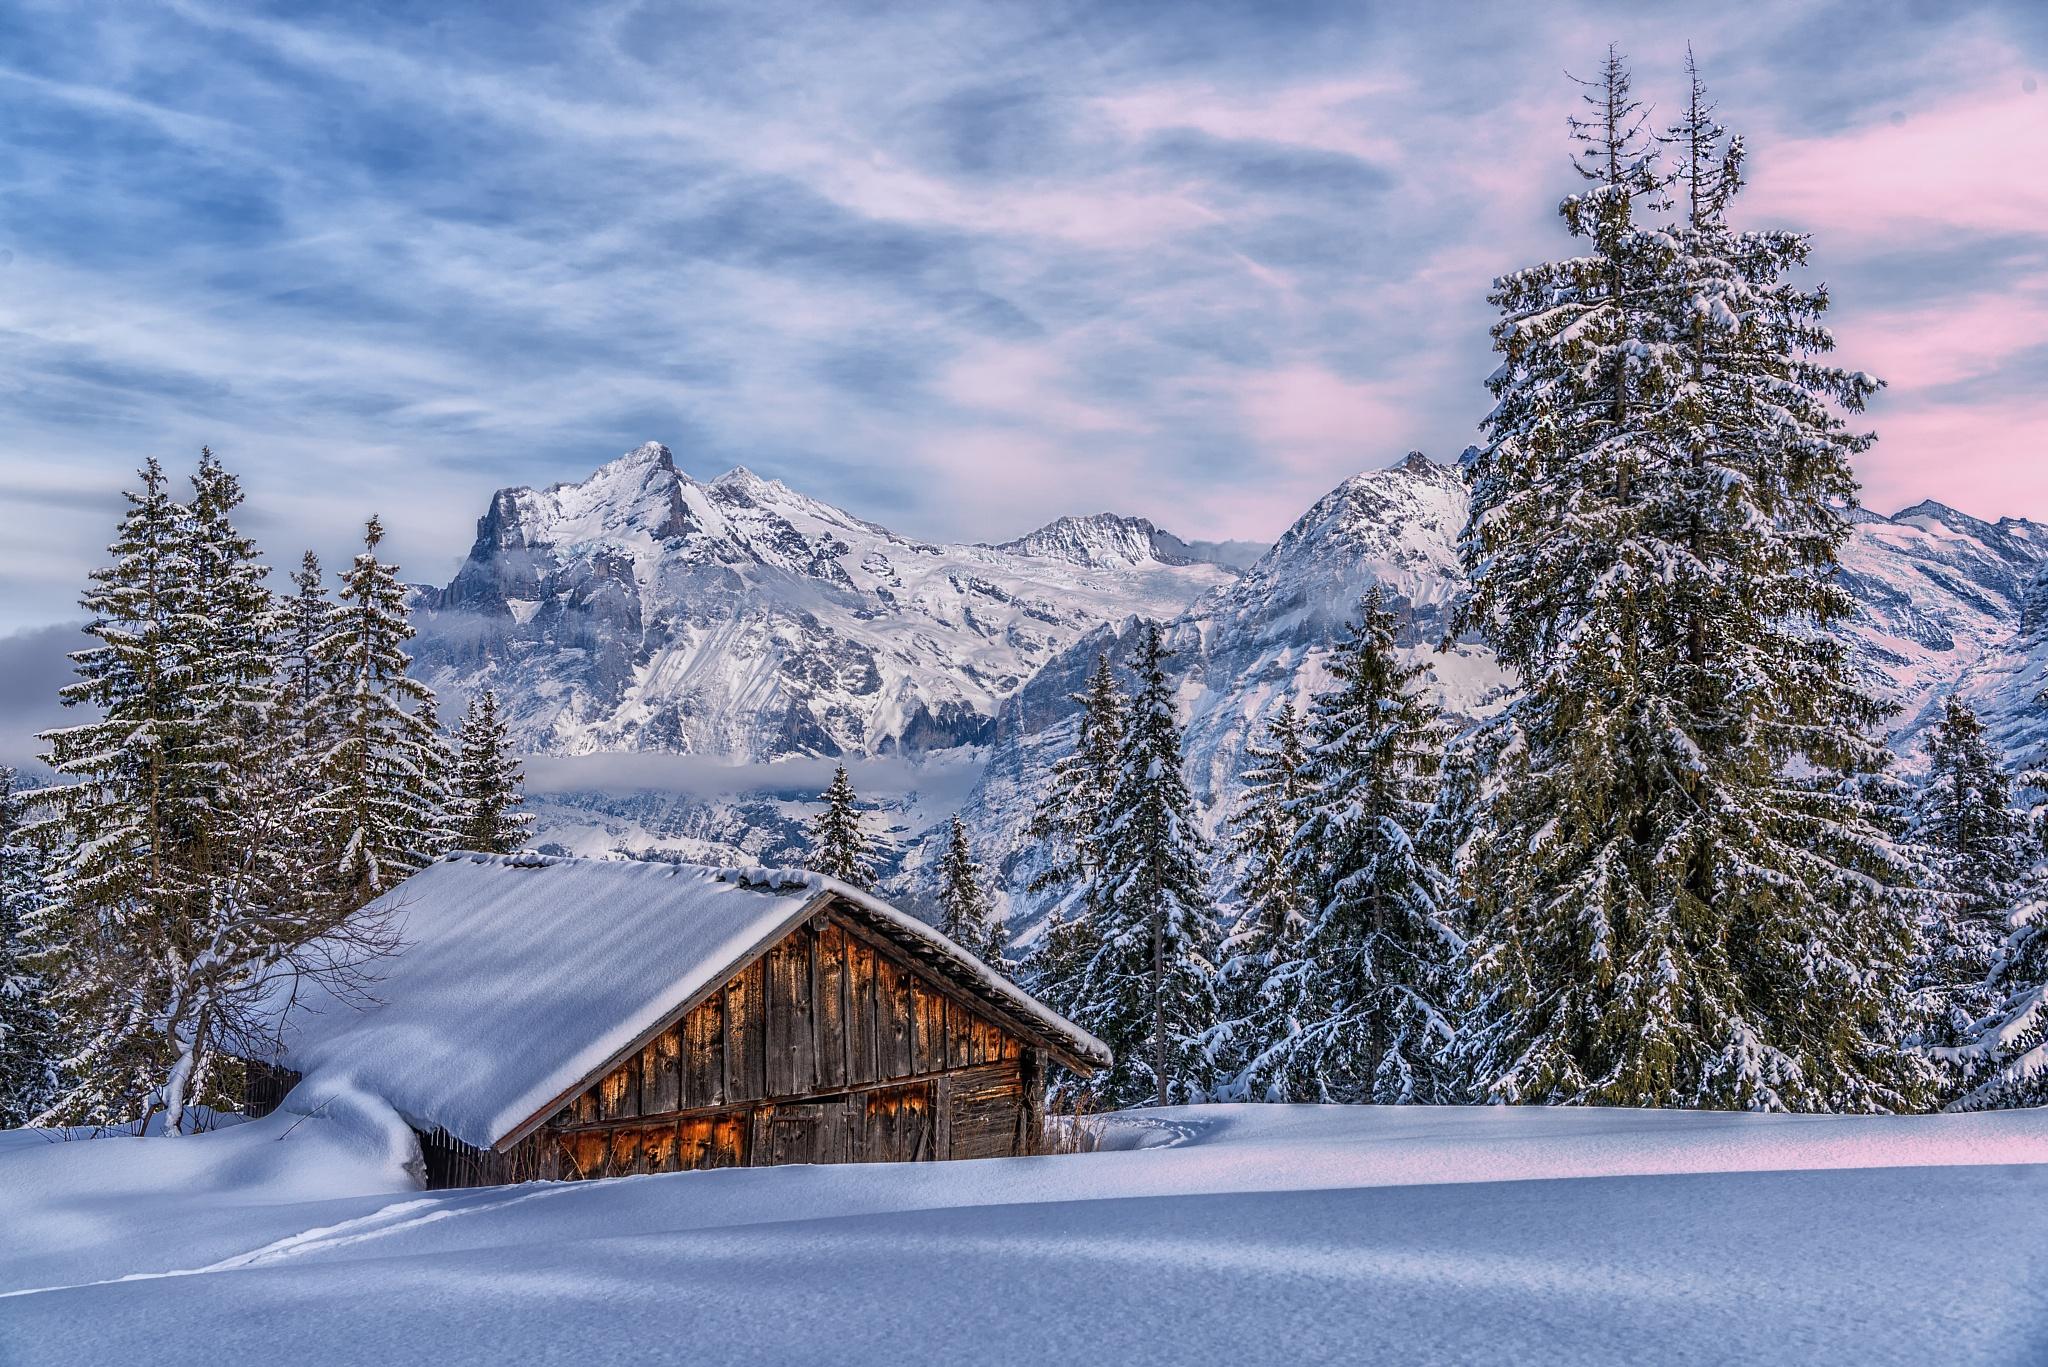 Winterschlaf by Martin Schnetzler